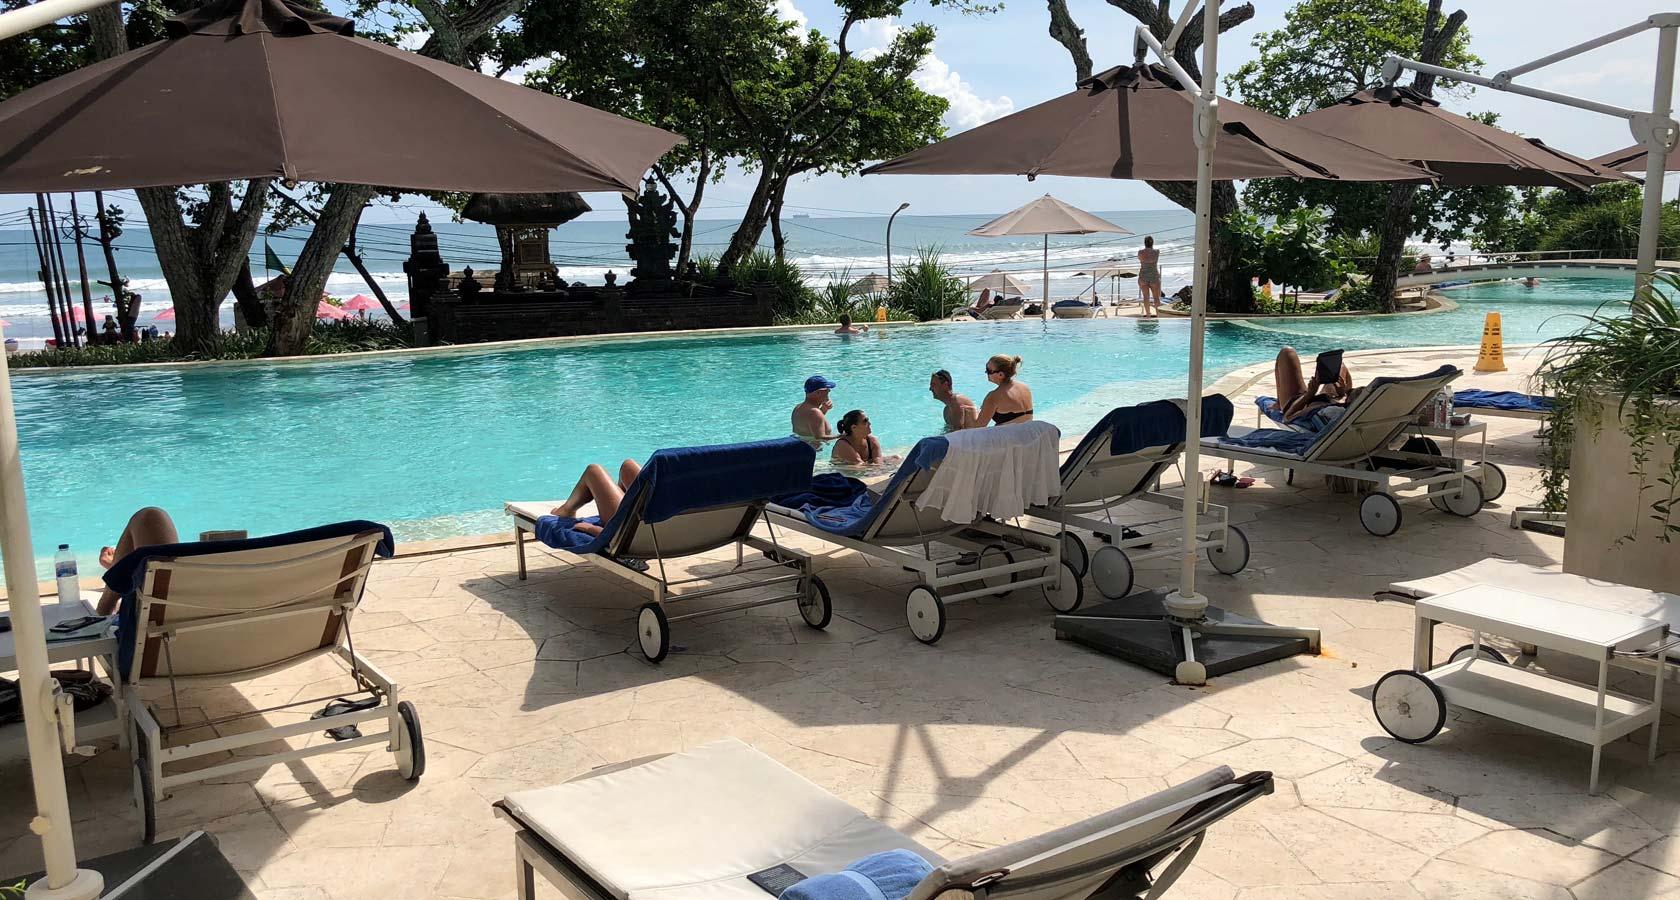 DOUBLE SIX LUXURY HOTEL pool